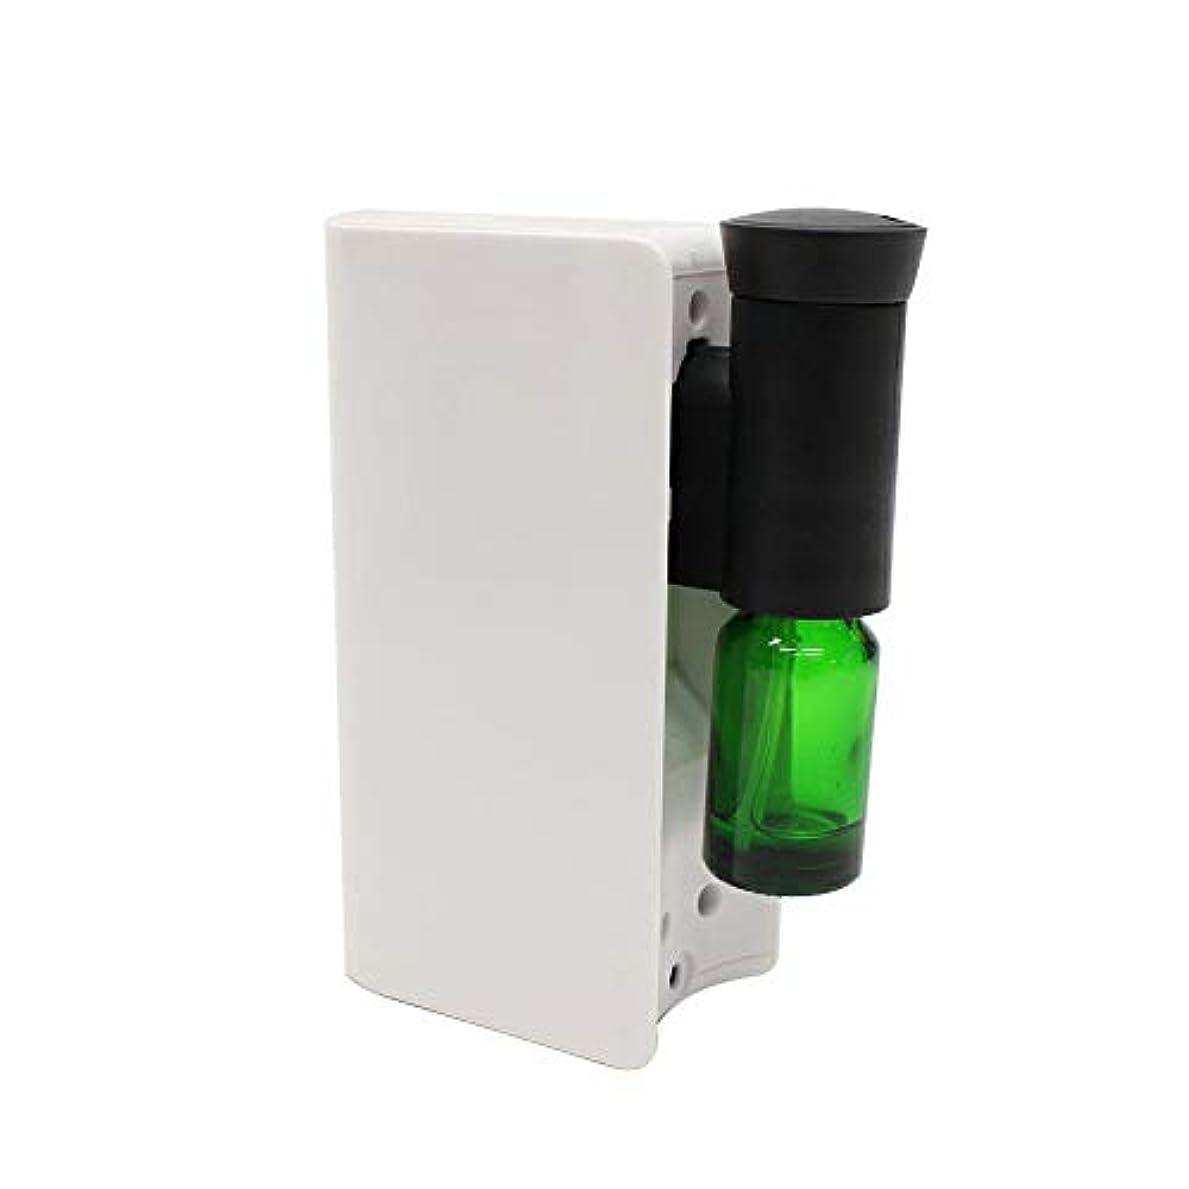 簡略化するサンダー音声アロマ ディフューザー 電池式アロマディフューザー 水を使わない ネブライザー式 アロマオイル対応 自動停止 ECOモード搭載 香り 癒し シンプル コンパクト ホワイト